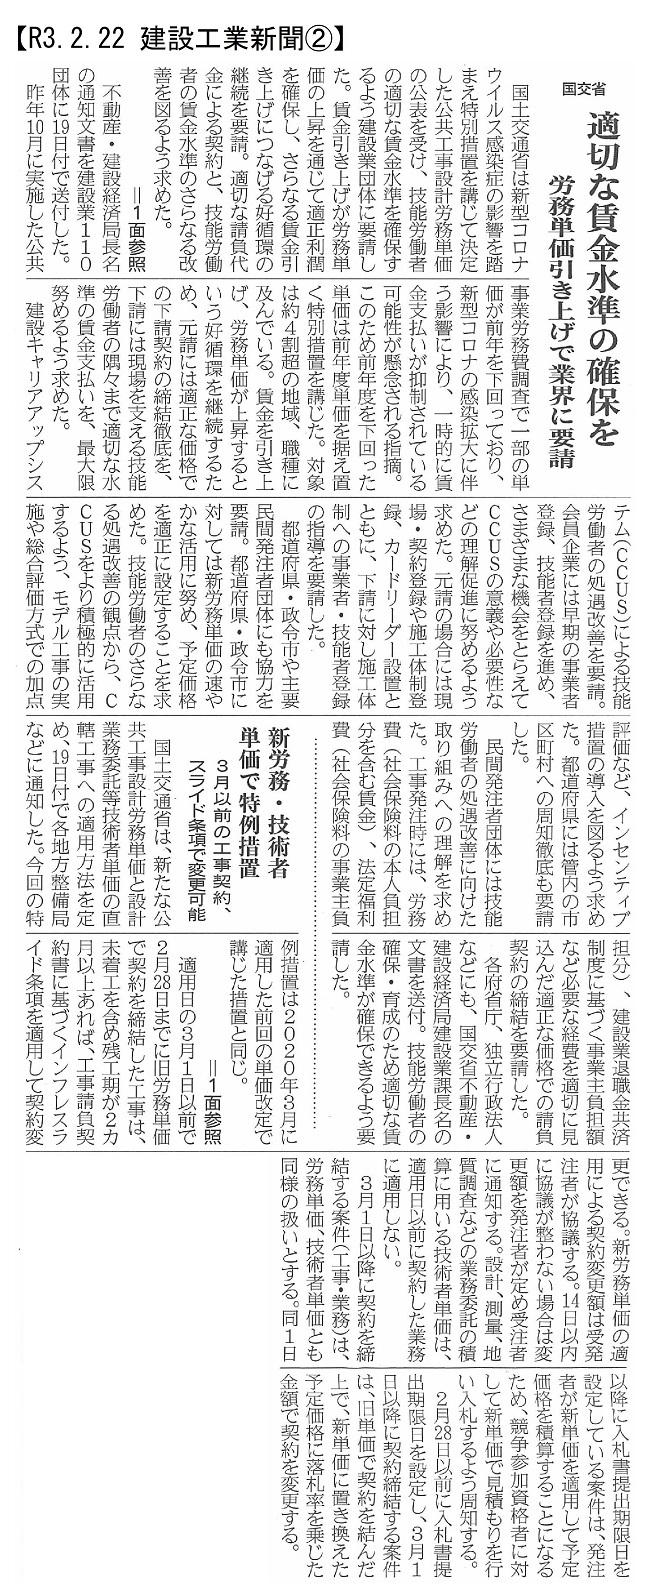 20210222 公共工事設計労務単価1.2%増・国交省:建設工業新聞②